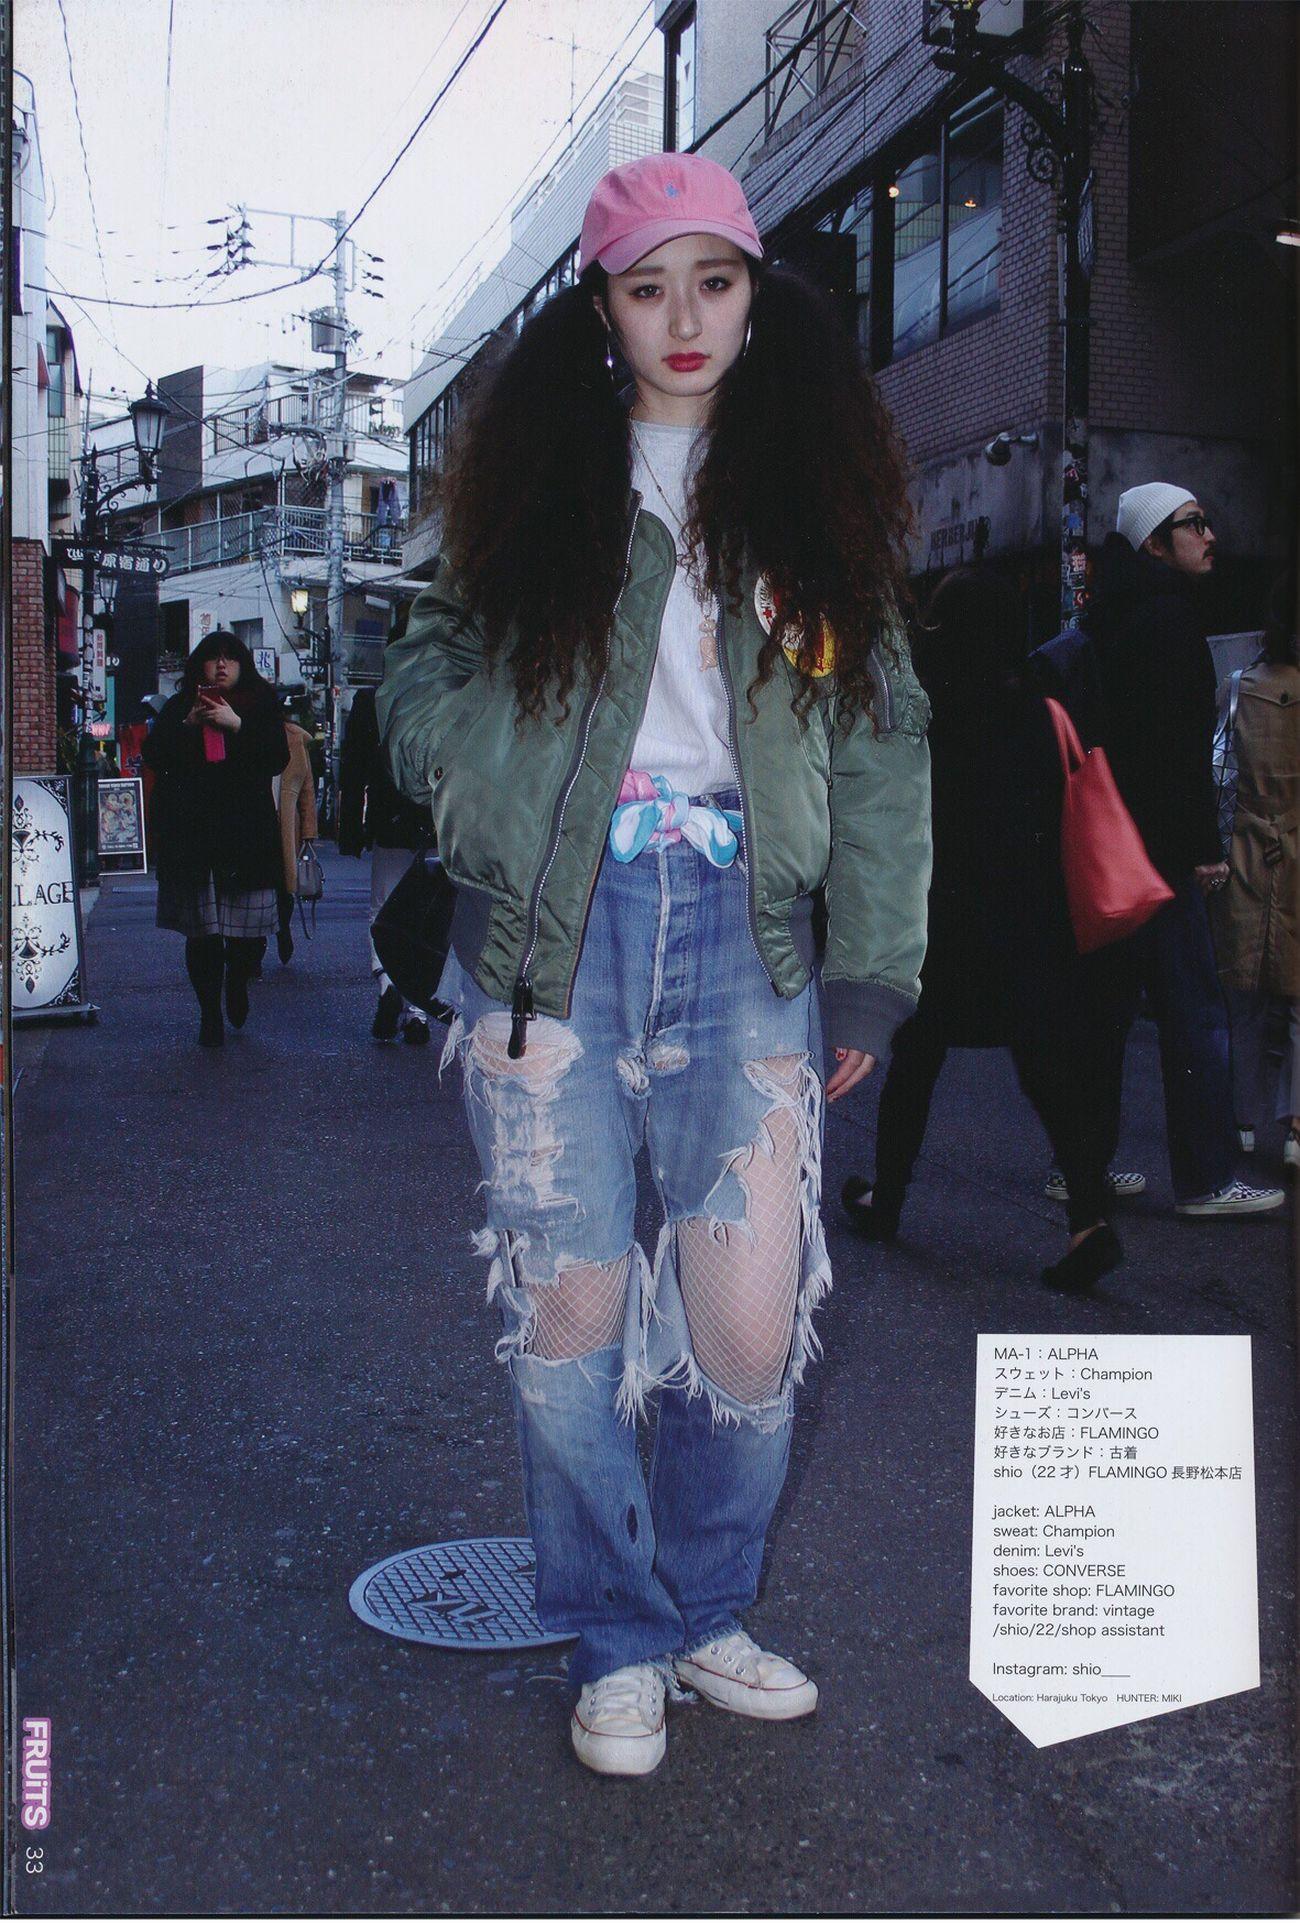 Fruits magazine スナップでmusic legsのタイツ着用されました。 www.pocoapocotokyo.com/ml.html #ぽこあぽこ #タイツ #tights #shibuya109 ぽこあぽこ タイツ Tights Pocoapoco Shibuya109